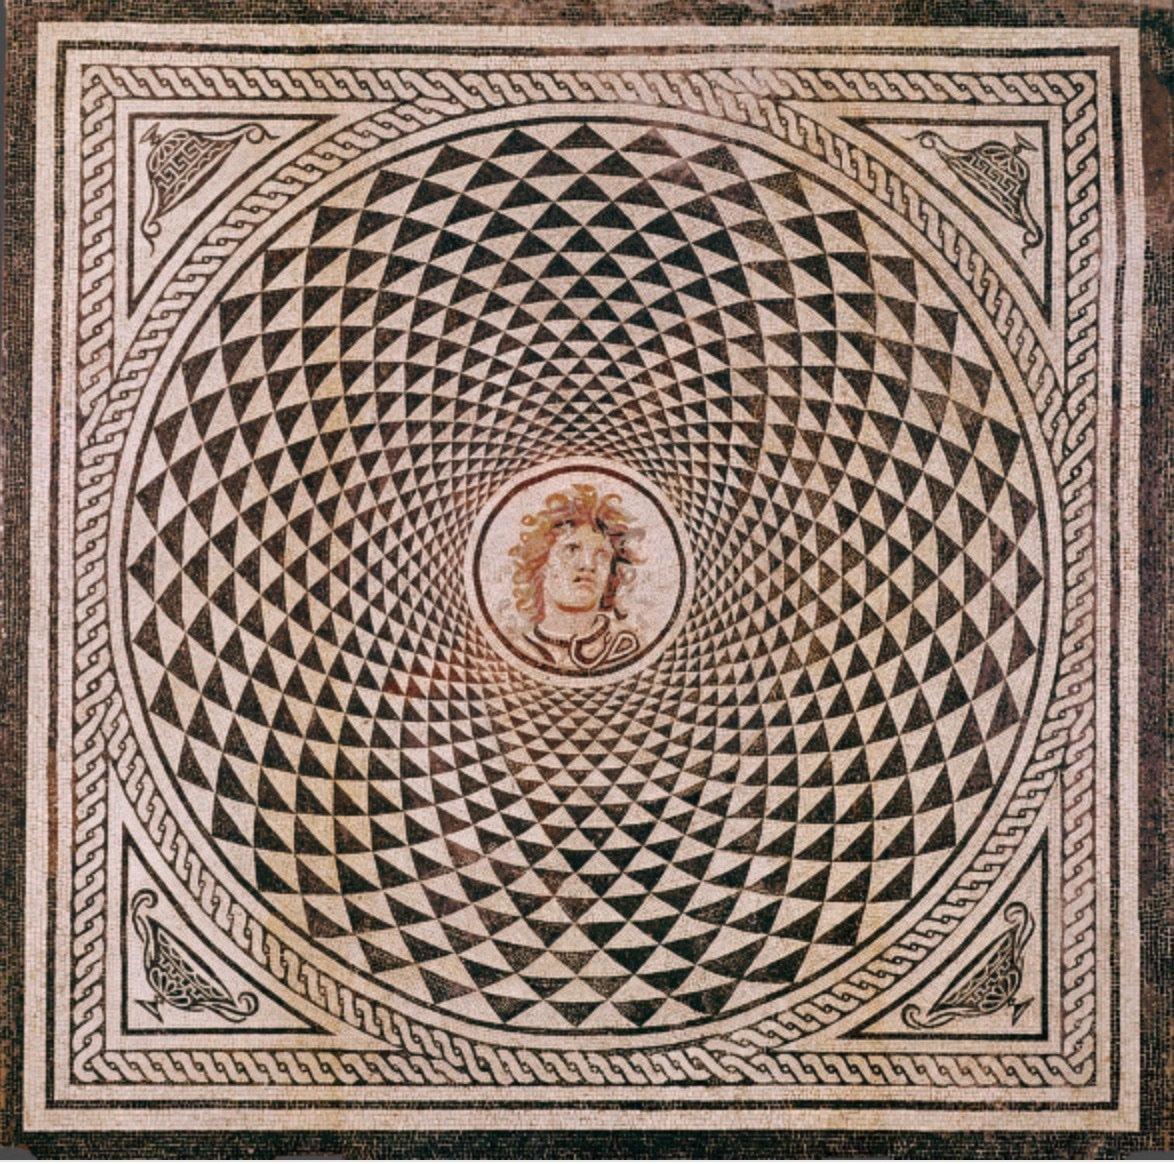 لوحة فسيفسائية رومانية تصور رأس ميدوسا 115 م - 150 م